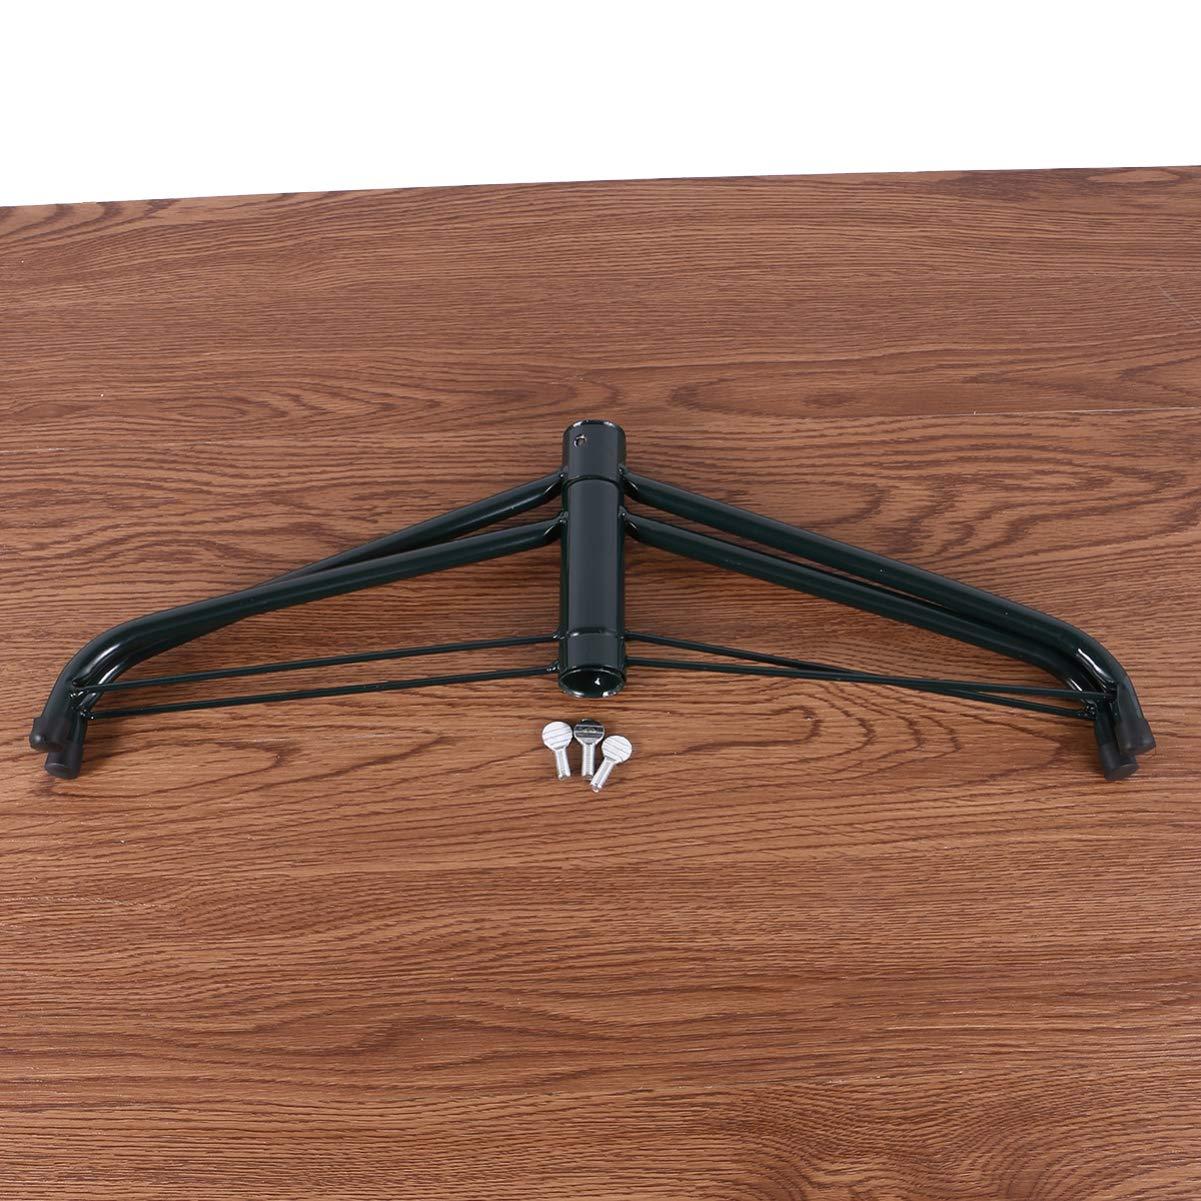 Amosfun 35cm Arbre de no/ël Pied 4 Pied Artificiel de Remplacement Arbre Pliant Support en m/étal Base Support d/écoration de no/ël Accessoires